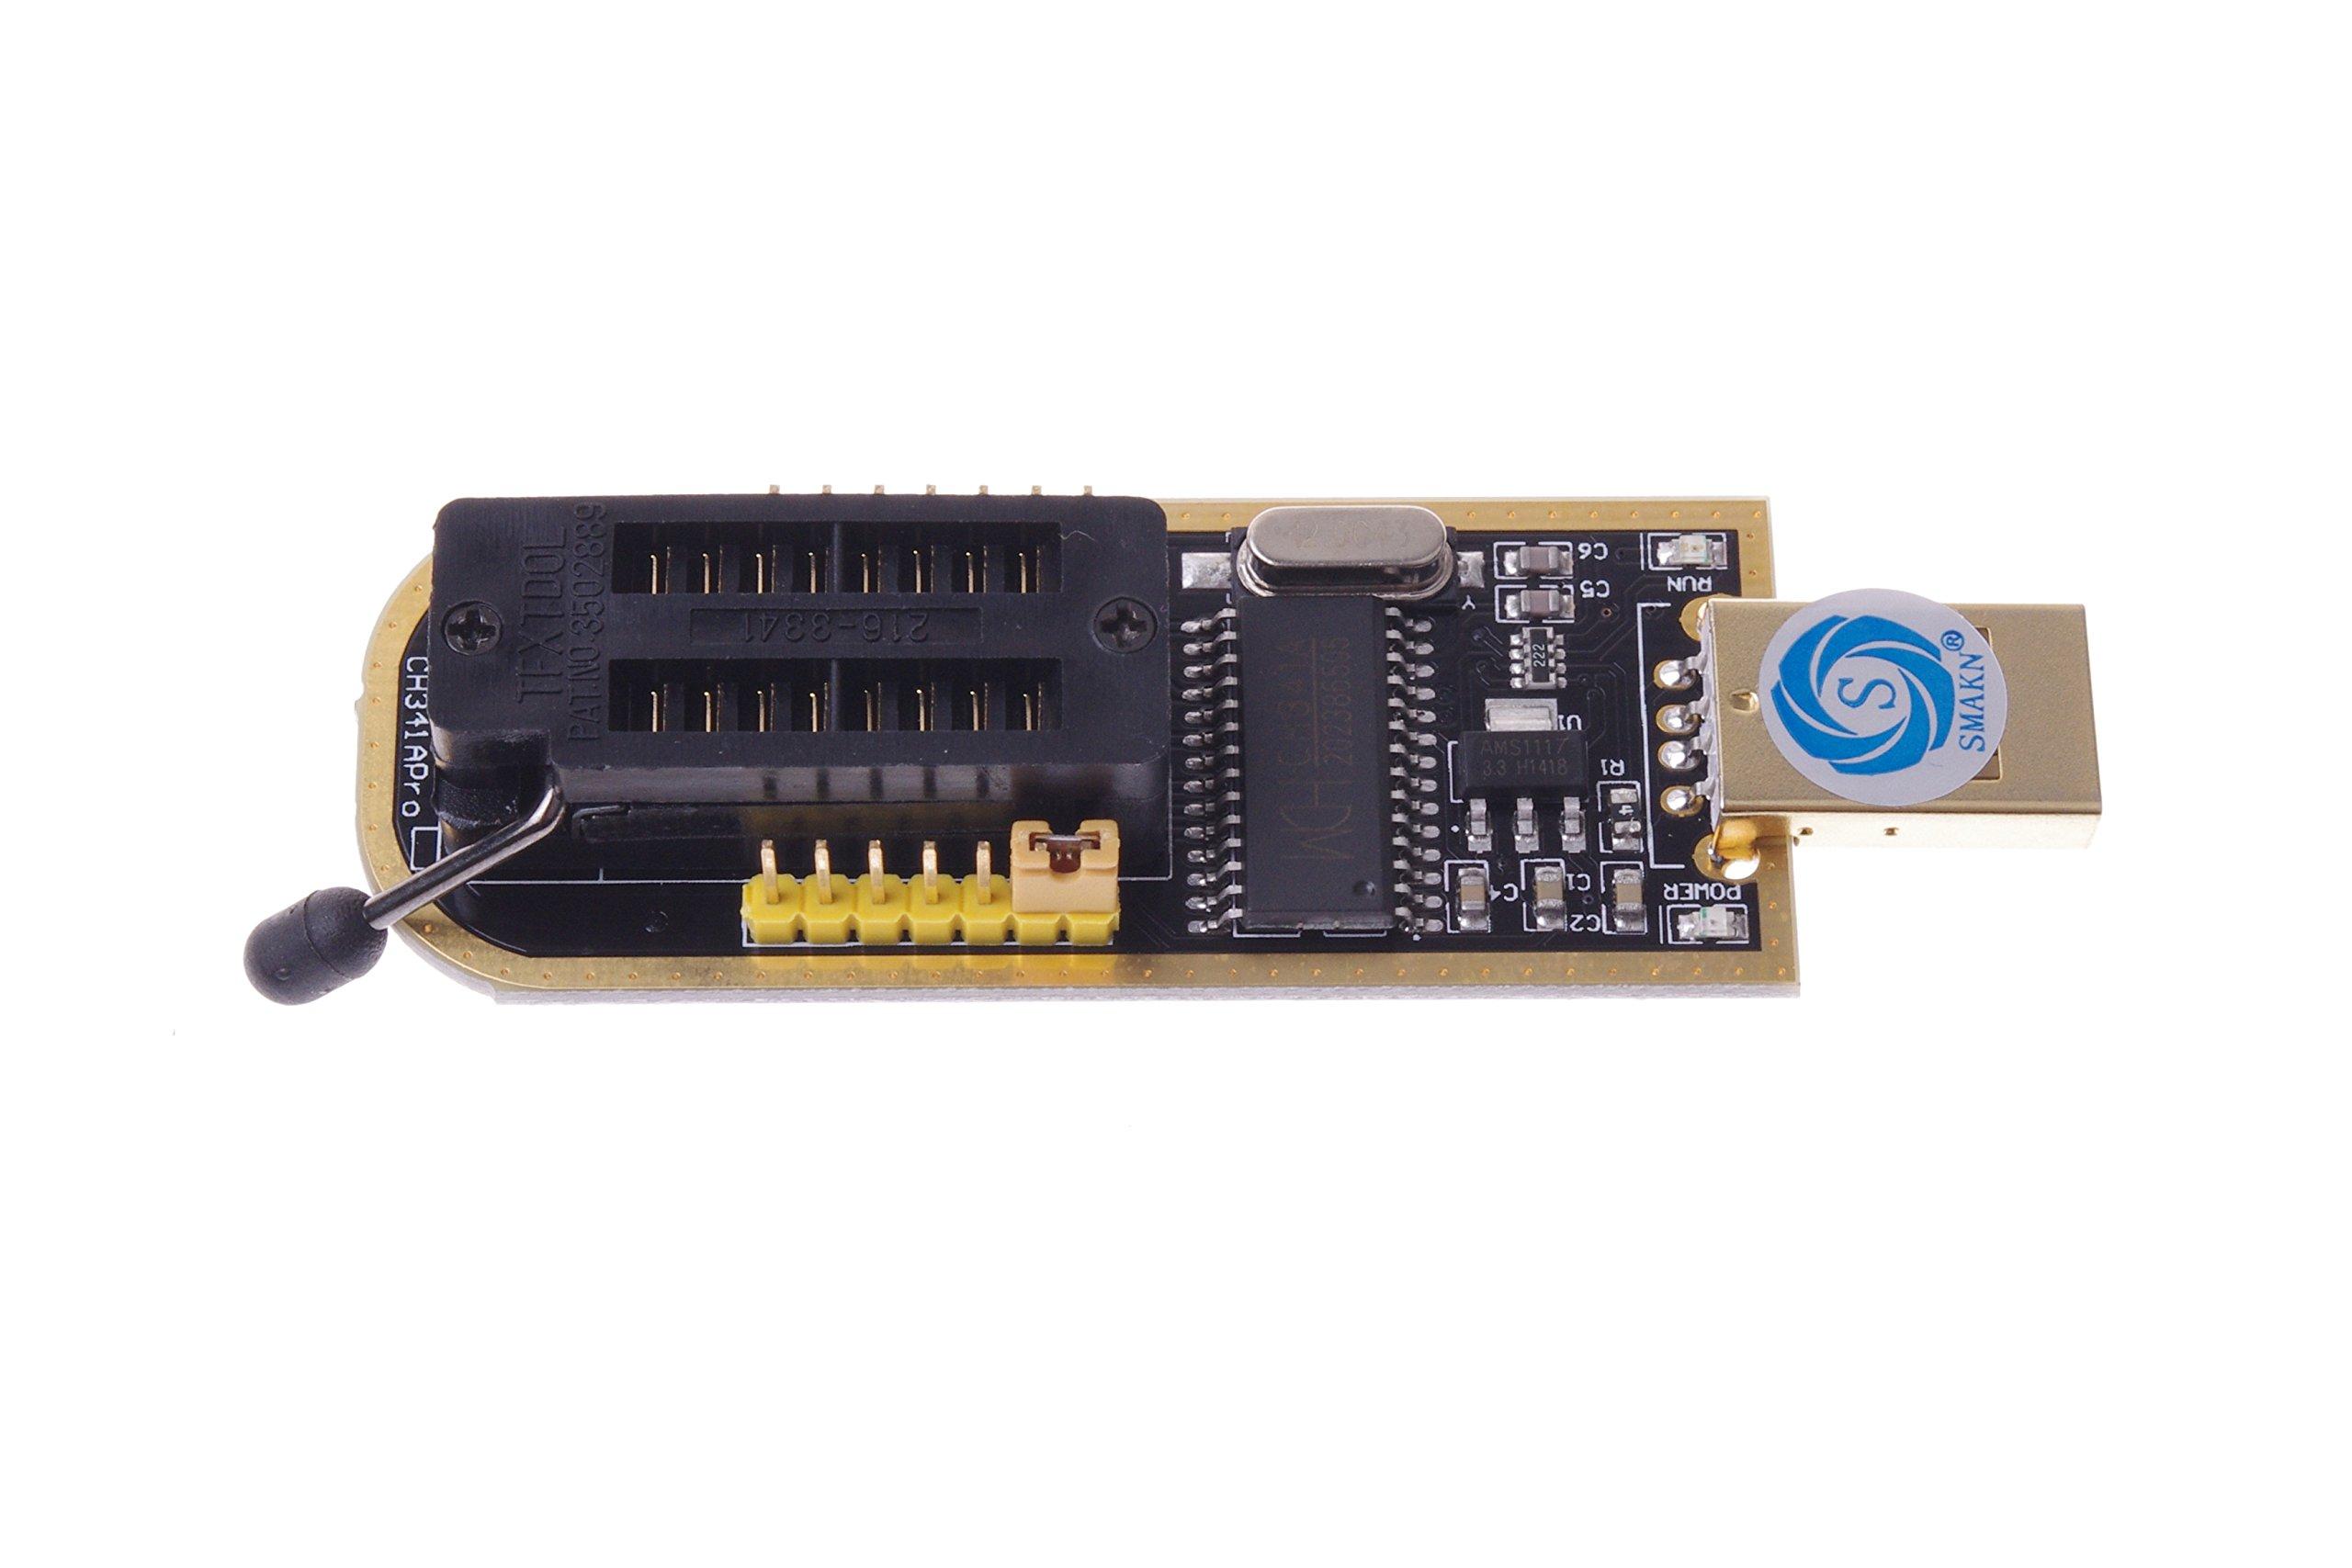 Signstek TL866PLUS Universal USB MiniPro EEPROM Flash BIOS